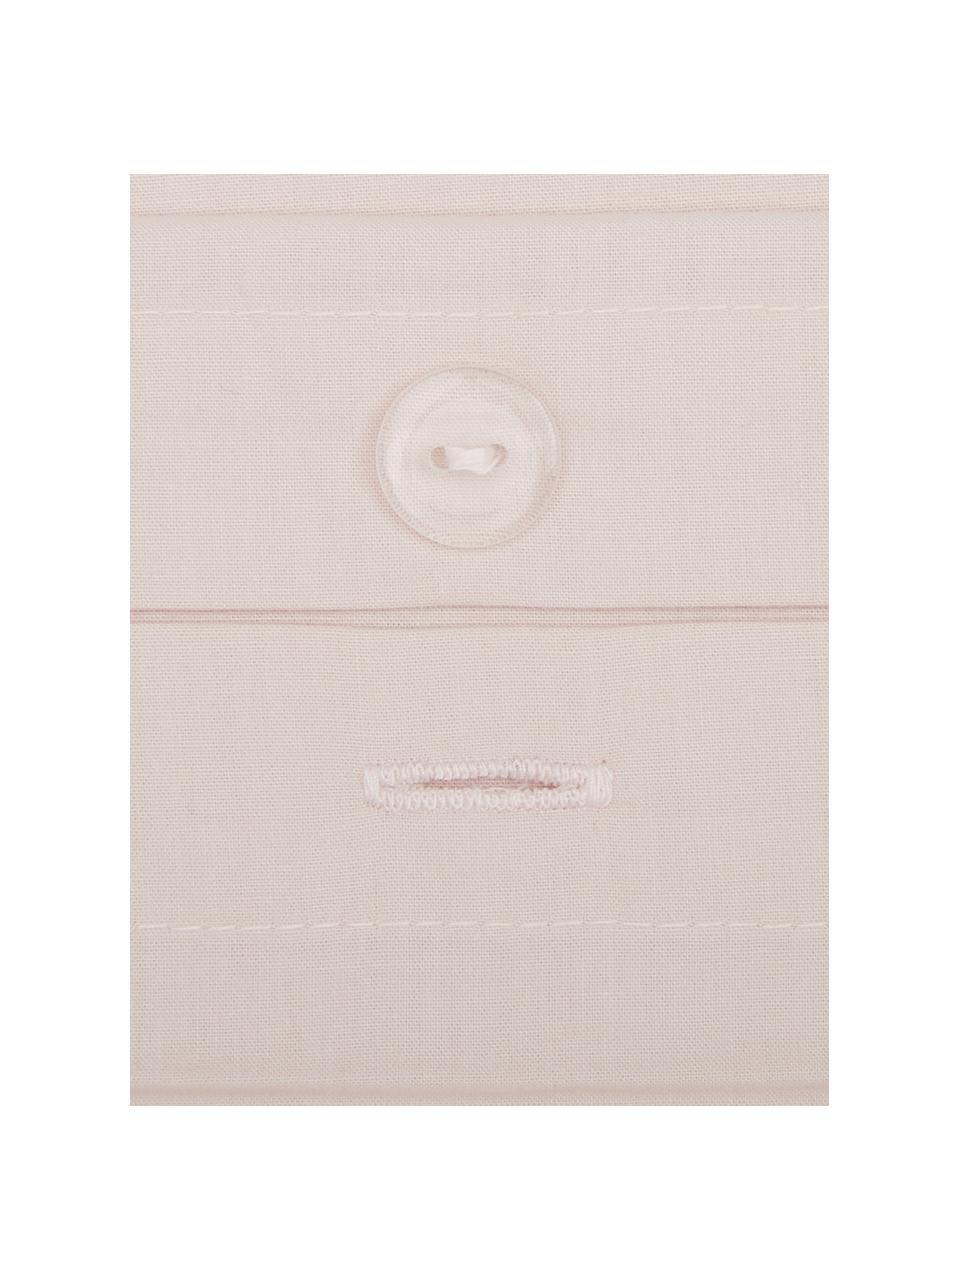 Parure copripiumino in percalle Elsie, Tessuto: percalle Densità del filo, Rosa, 255 x 200 cm + 2 federe 50 x 80 cm